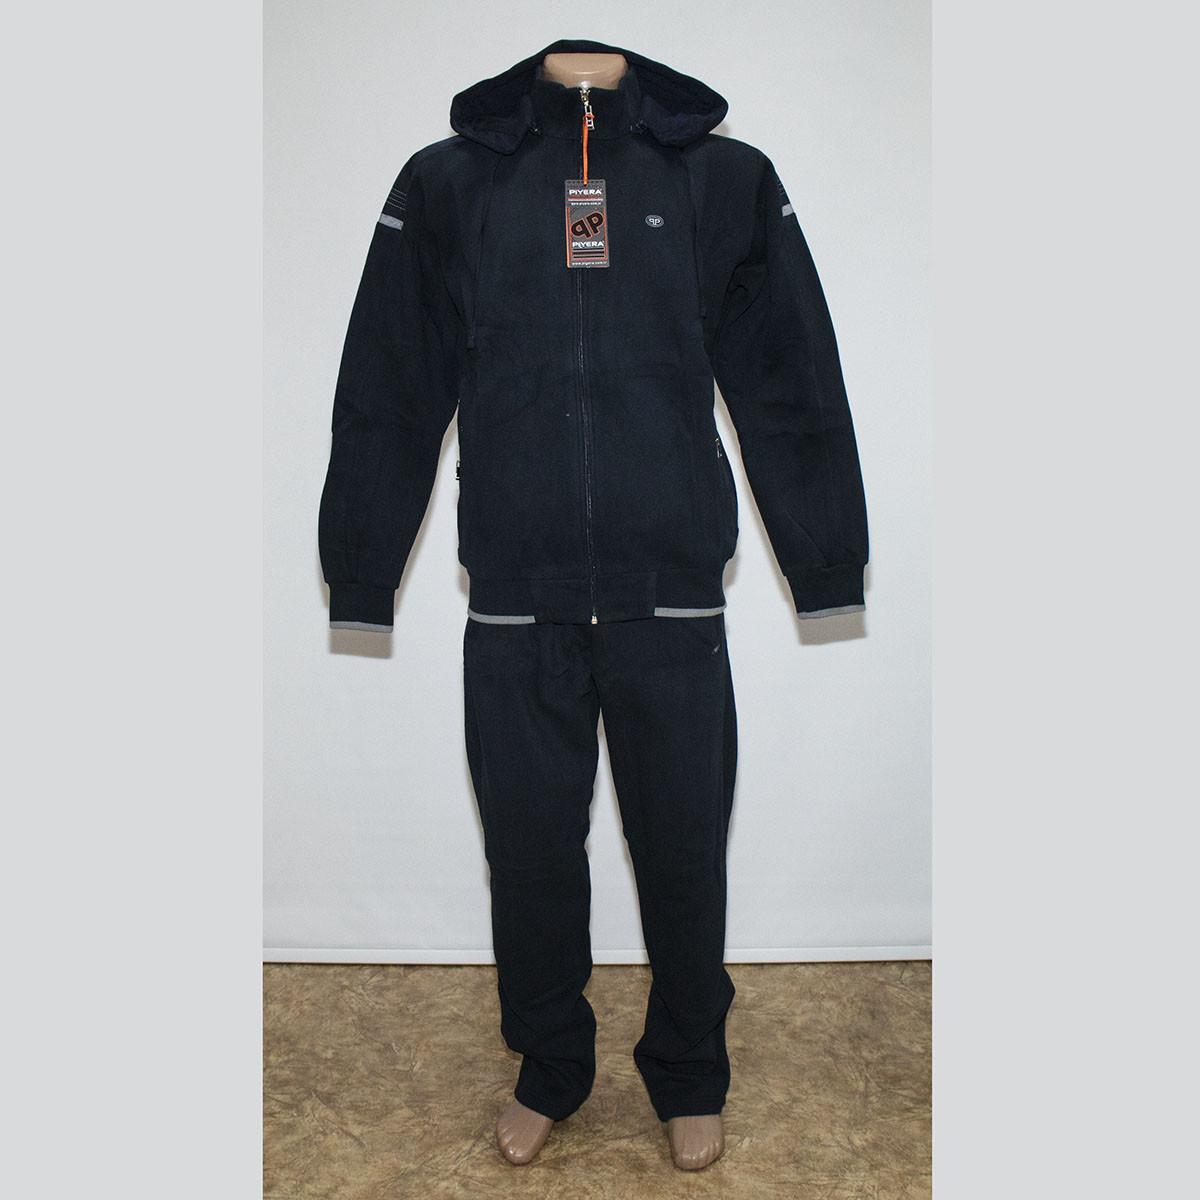 76dfa54d Мужской теплый спортивный костюм с капюшоном пр-во Турция Piyera 5022